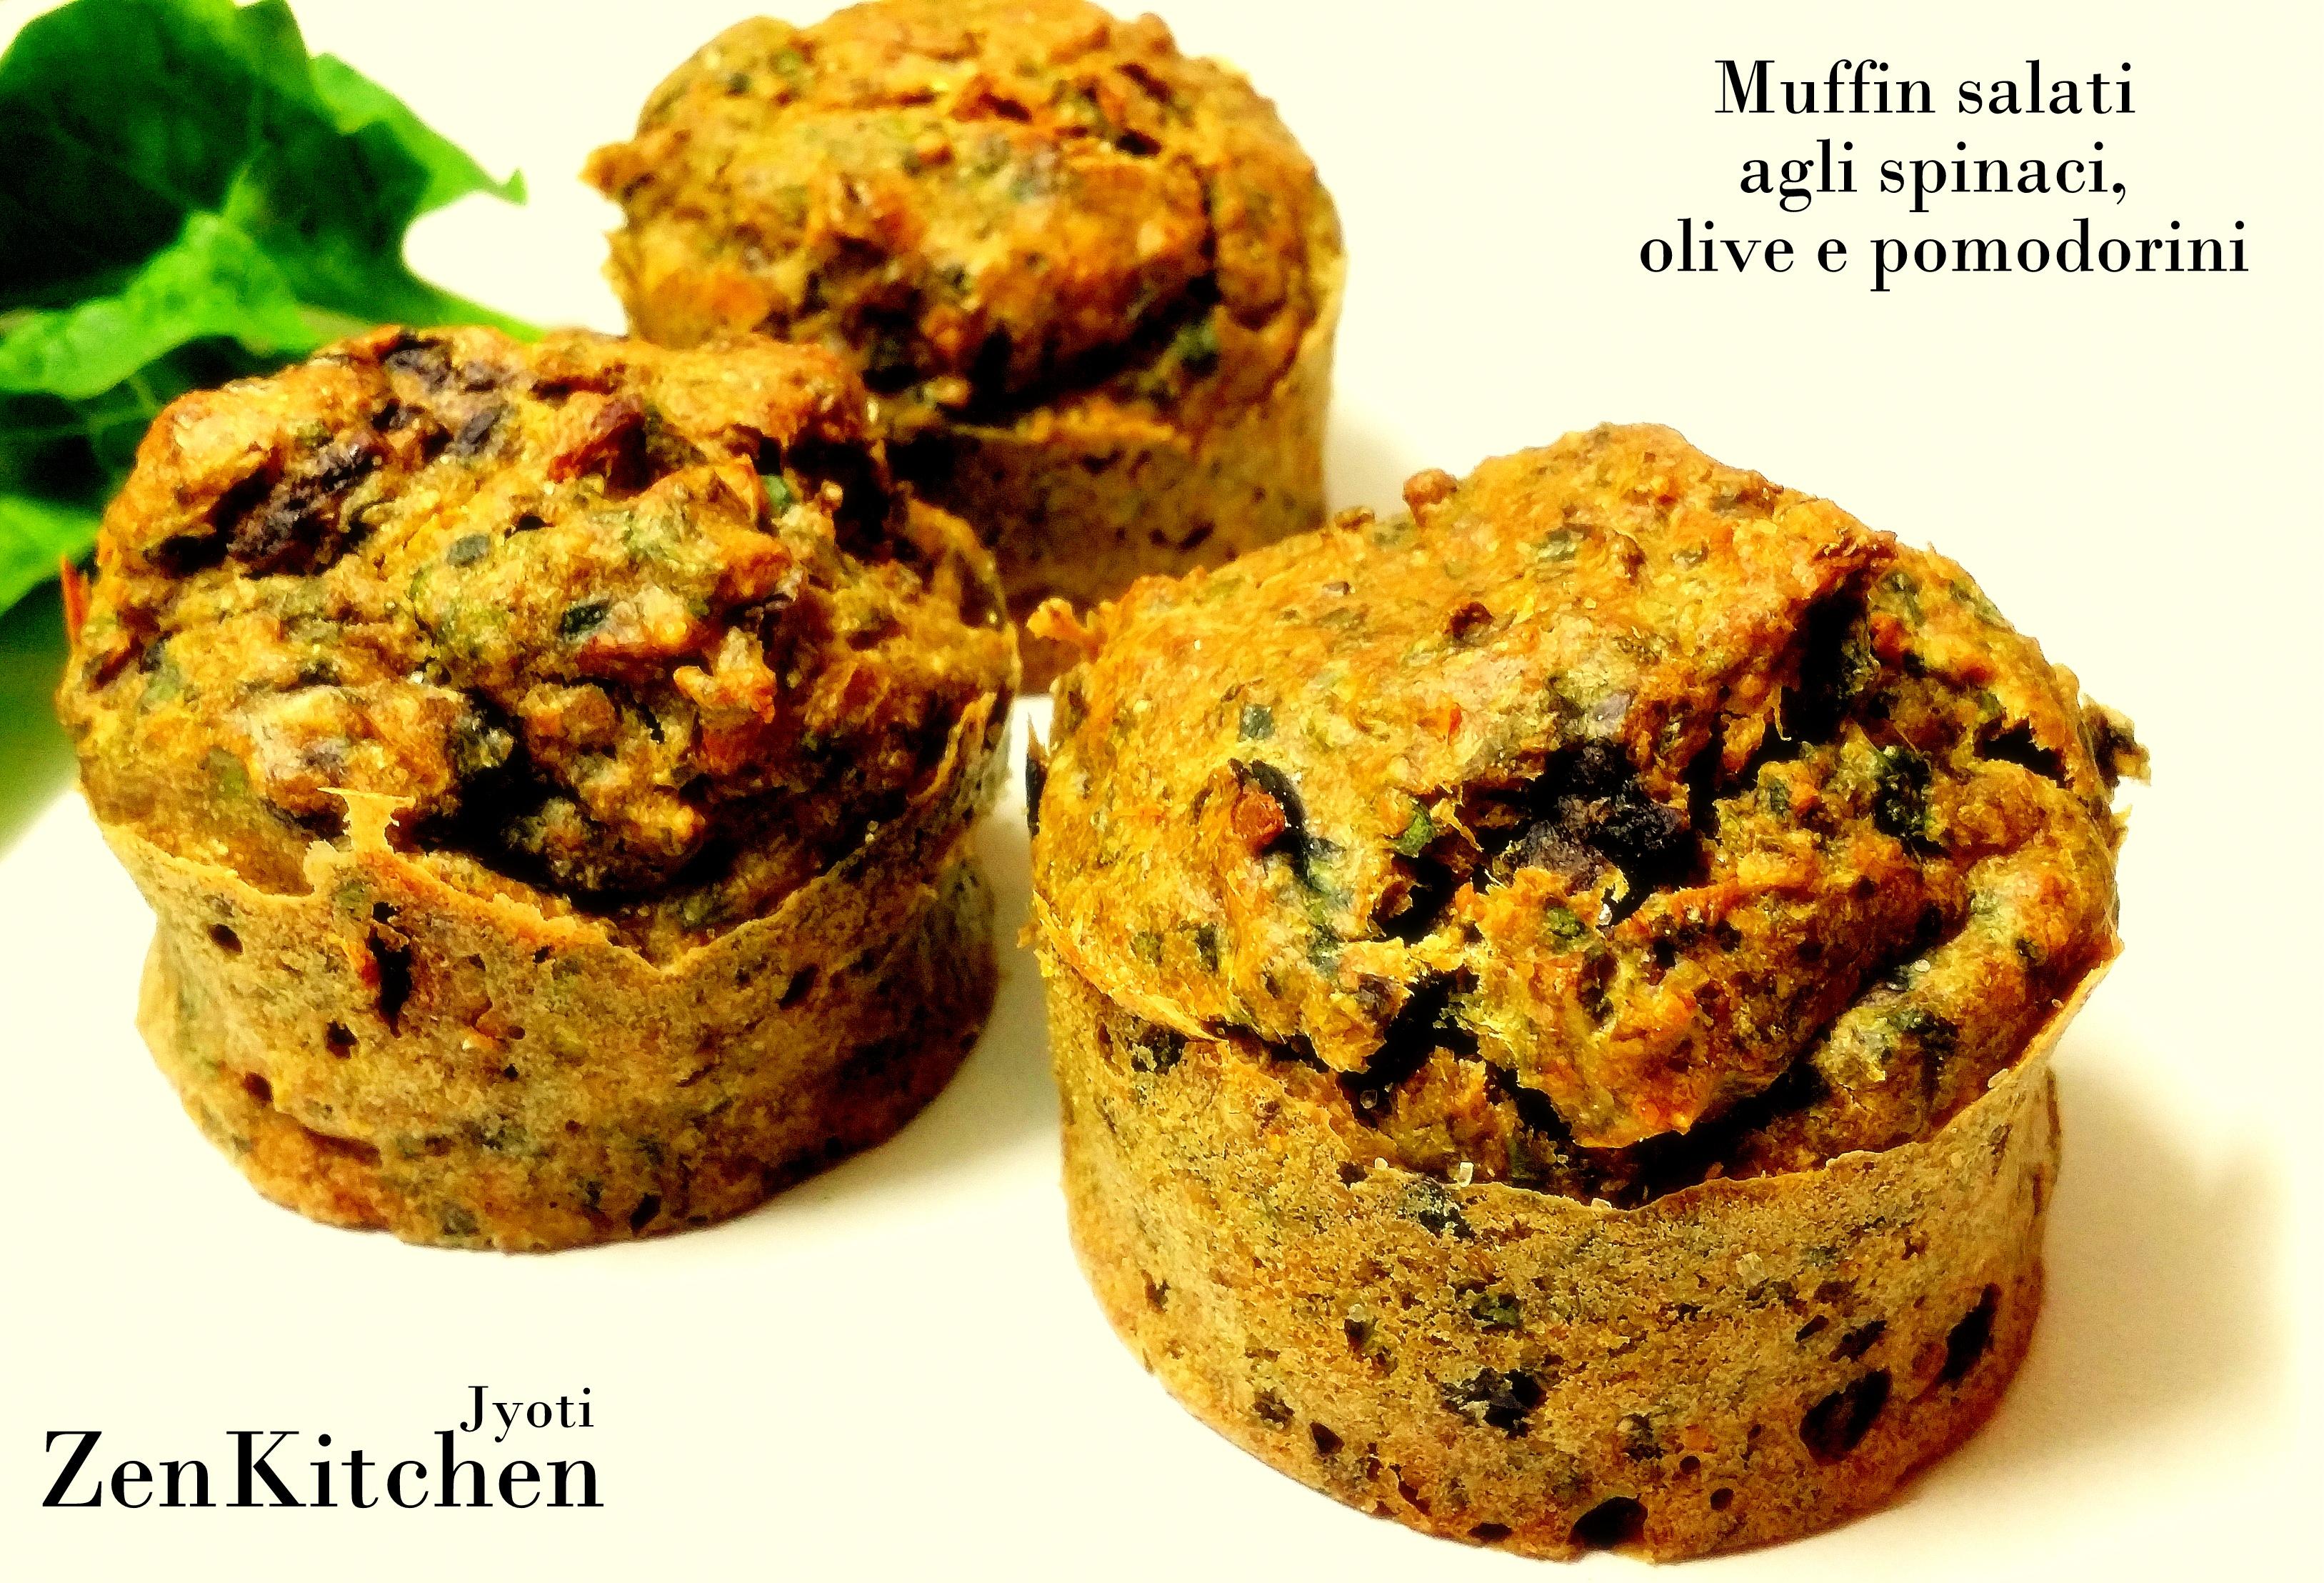 Muffin salati integrali agli spinaci con olive e pomodorini